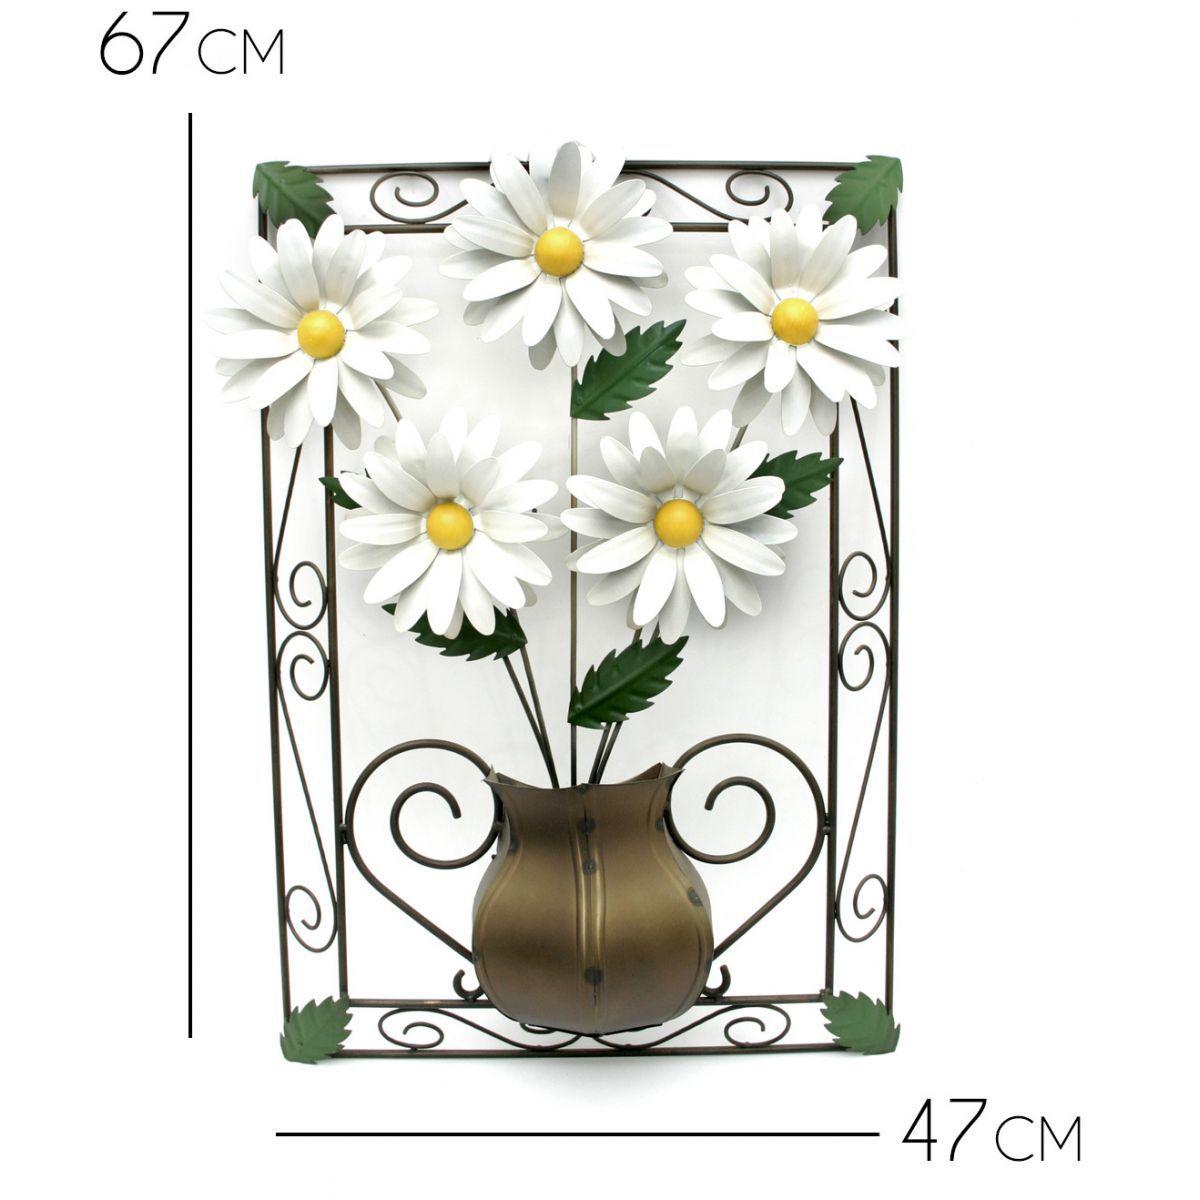 Quadro Decorativo Artesanal em Ferro com Flores para Parede de Quarto